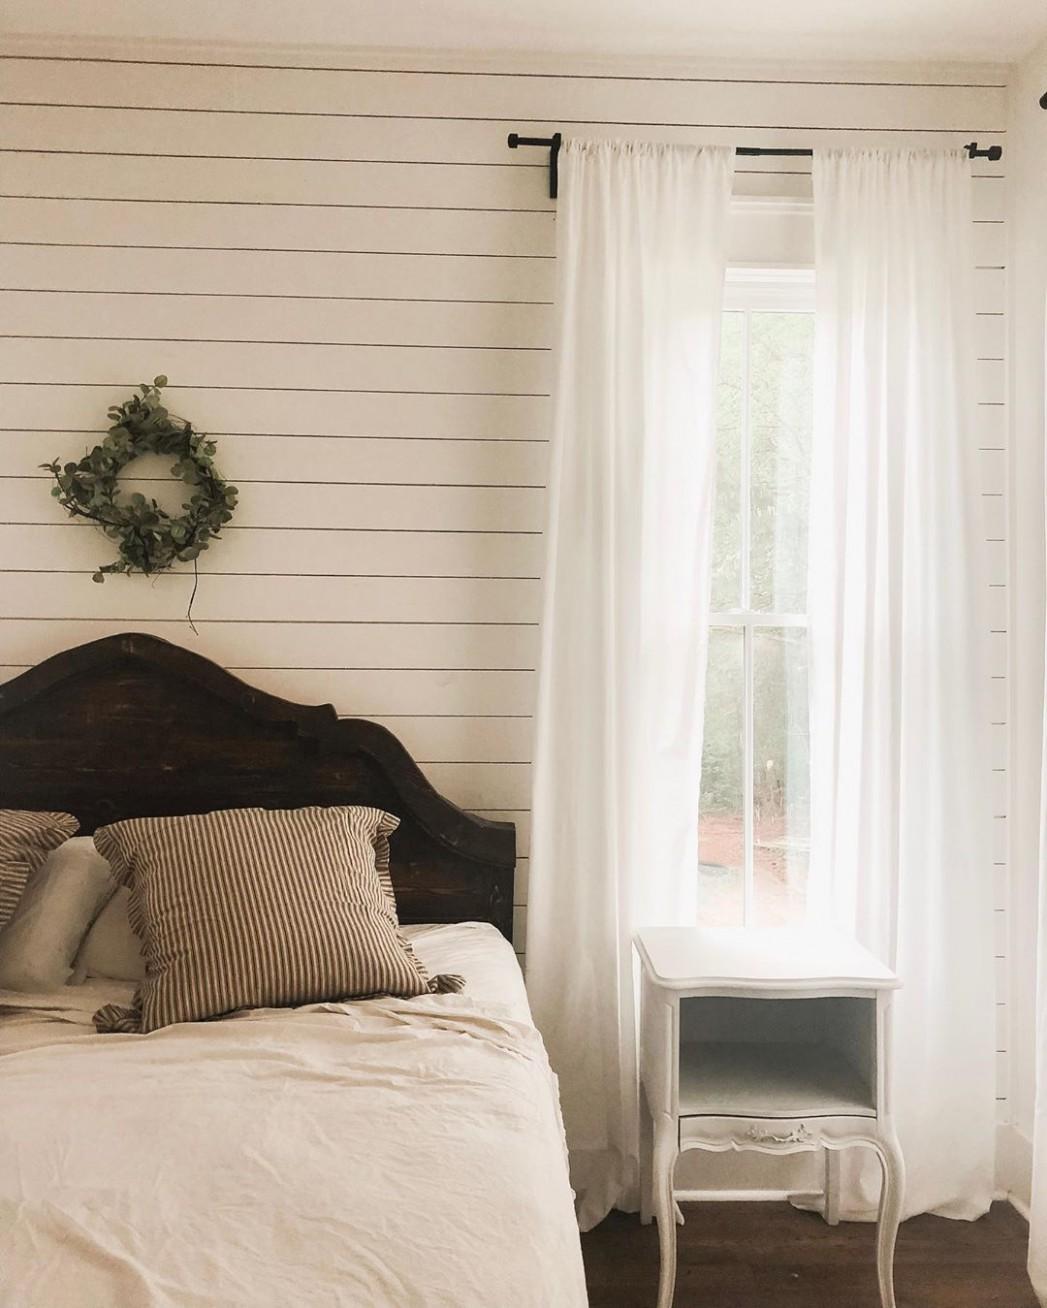 10 Best Bedroom Curtain Ideas - Easy Ideas for Bedroom Window  - Window Ideas Bedroom